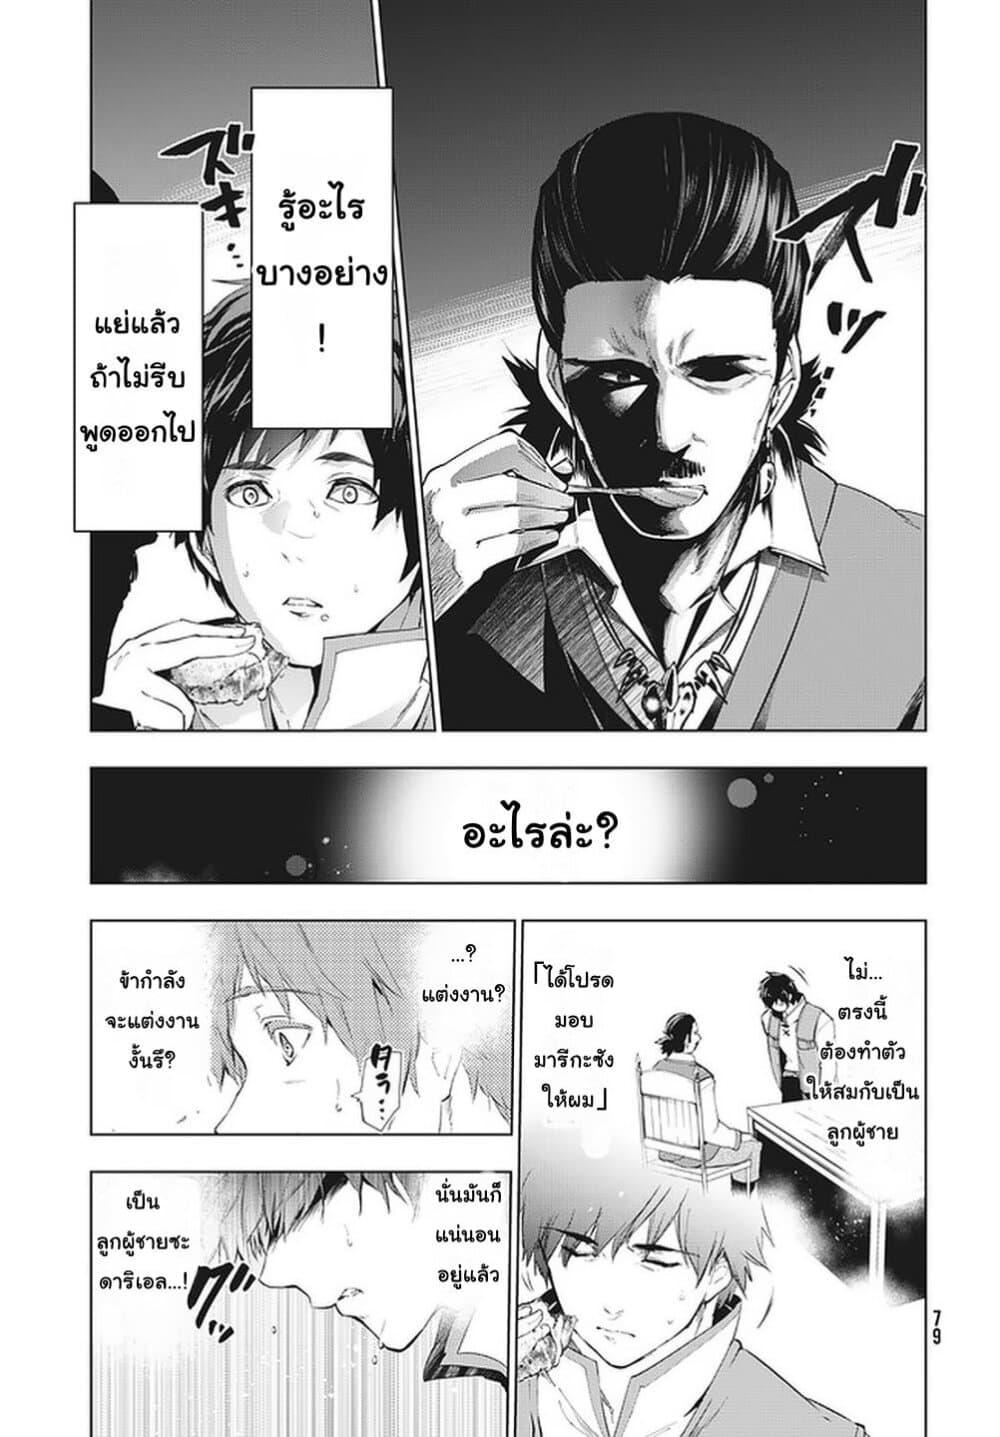 อ่านการ์ตูน Kaiko sareta Ankoku Heishi (30-dai) no Slow na Second ตอนที่ 13.1 หน้าที่ 5